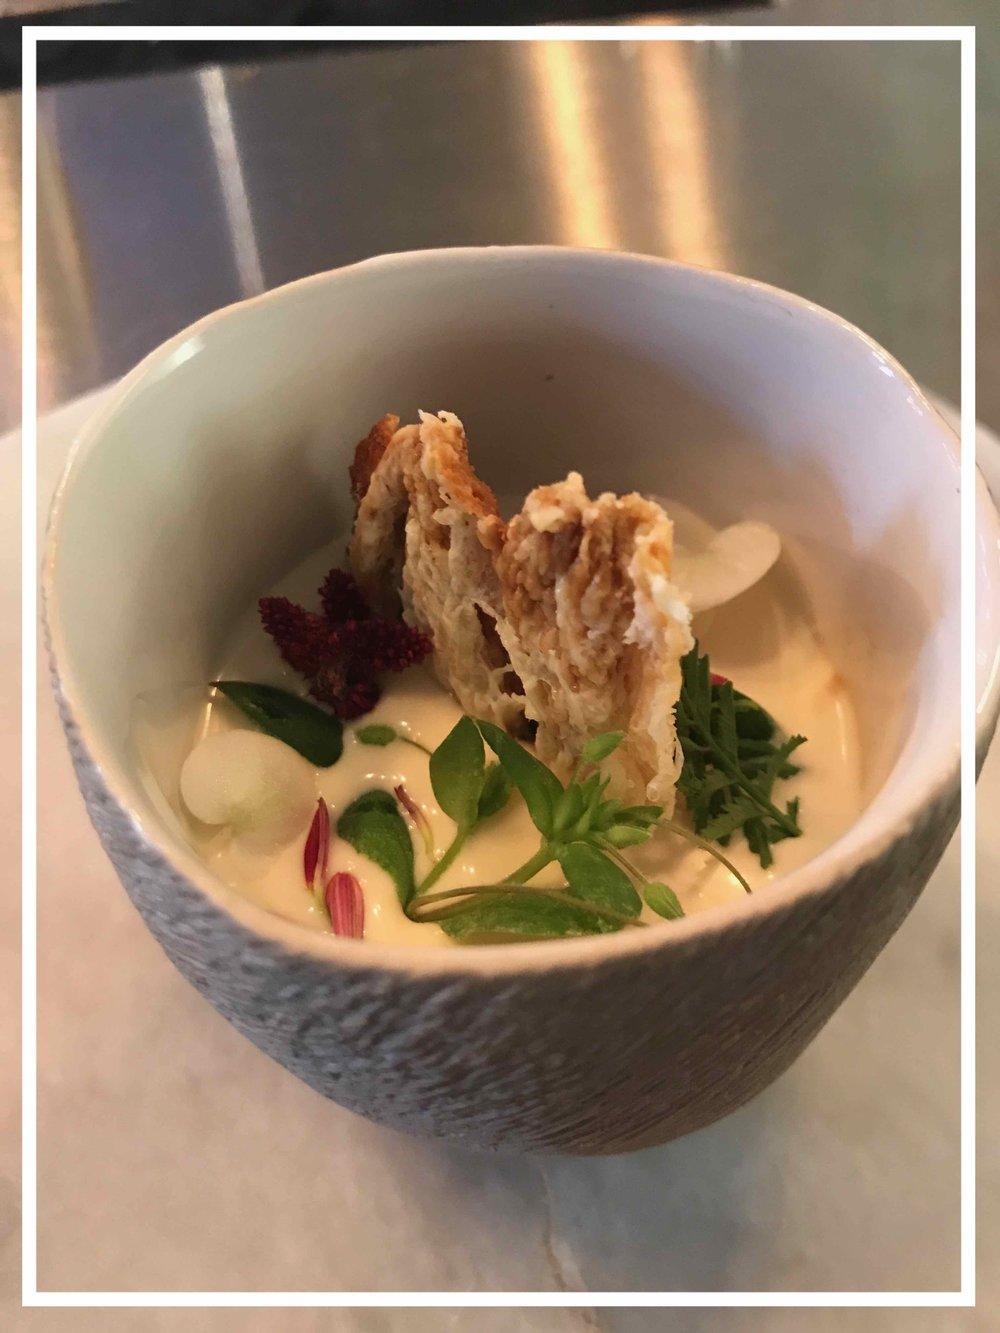 #mrazundsohn #dessert #kulinarischges #sternegastronomie #wien #disawistories.jpg